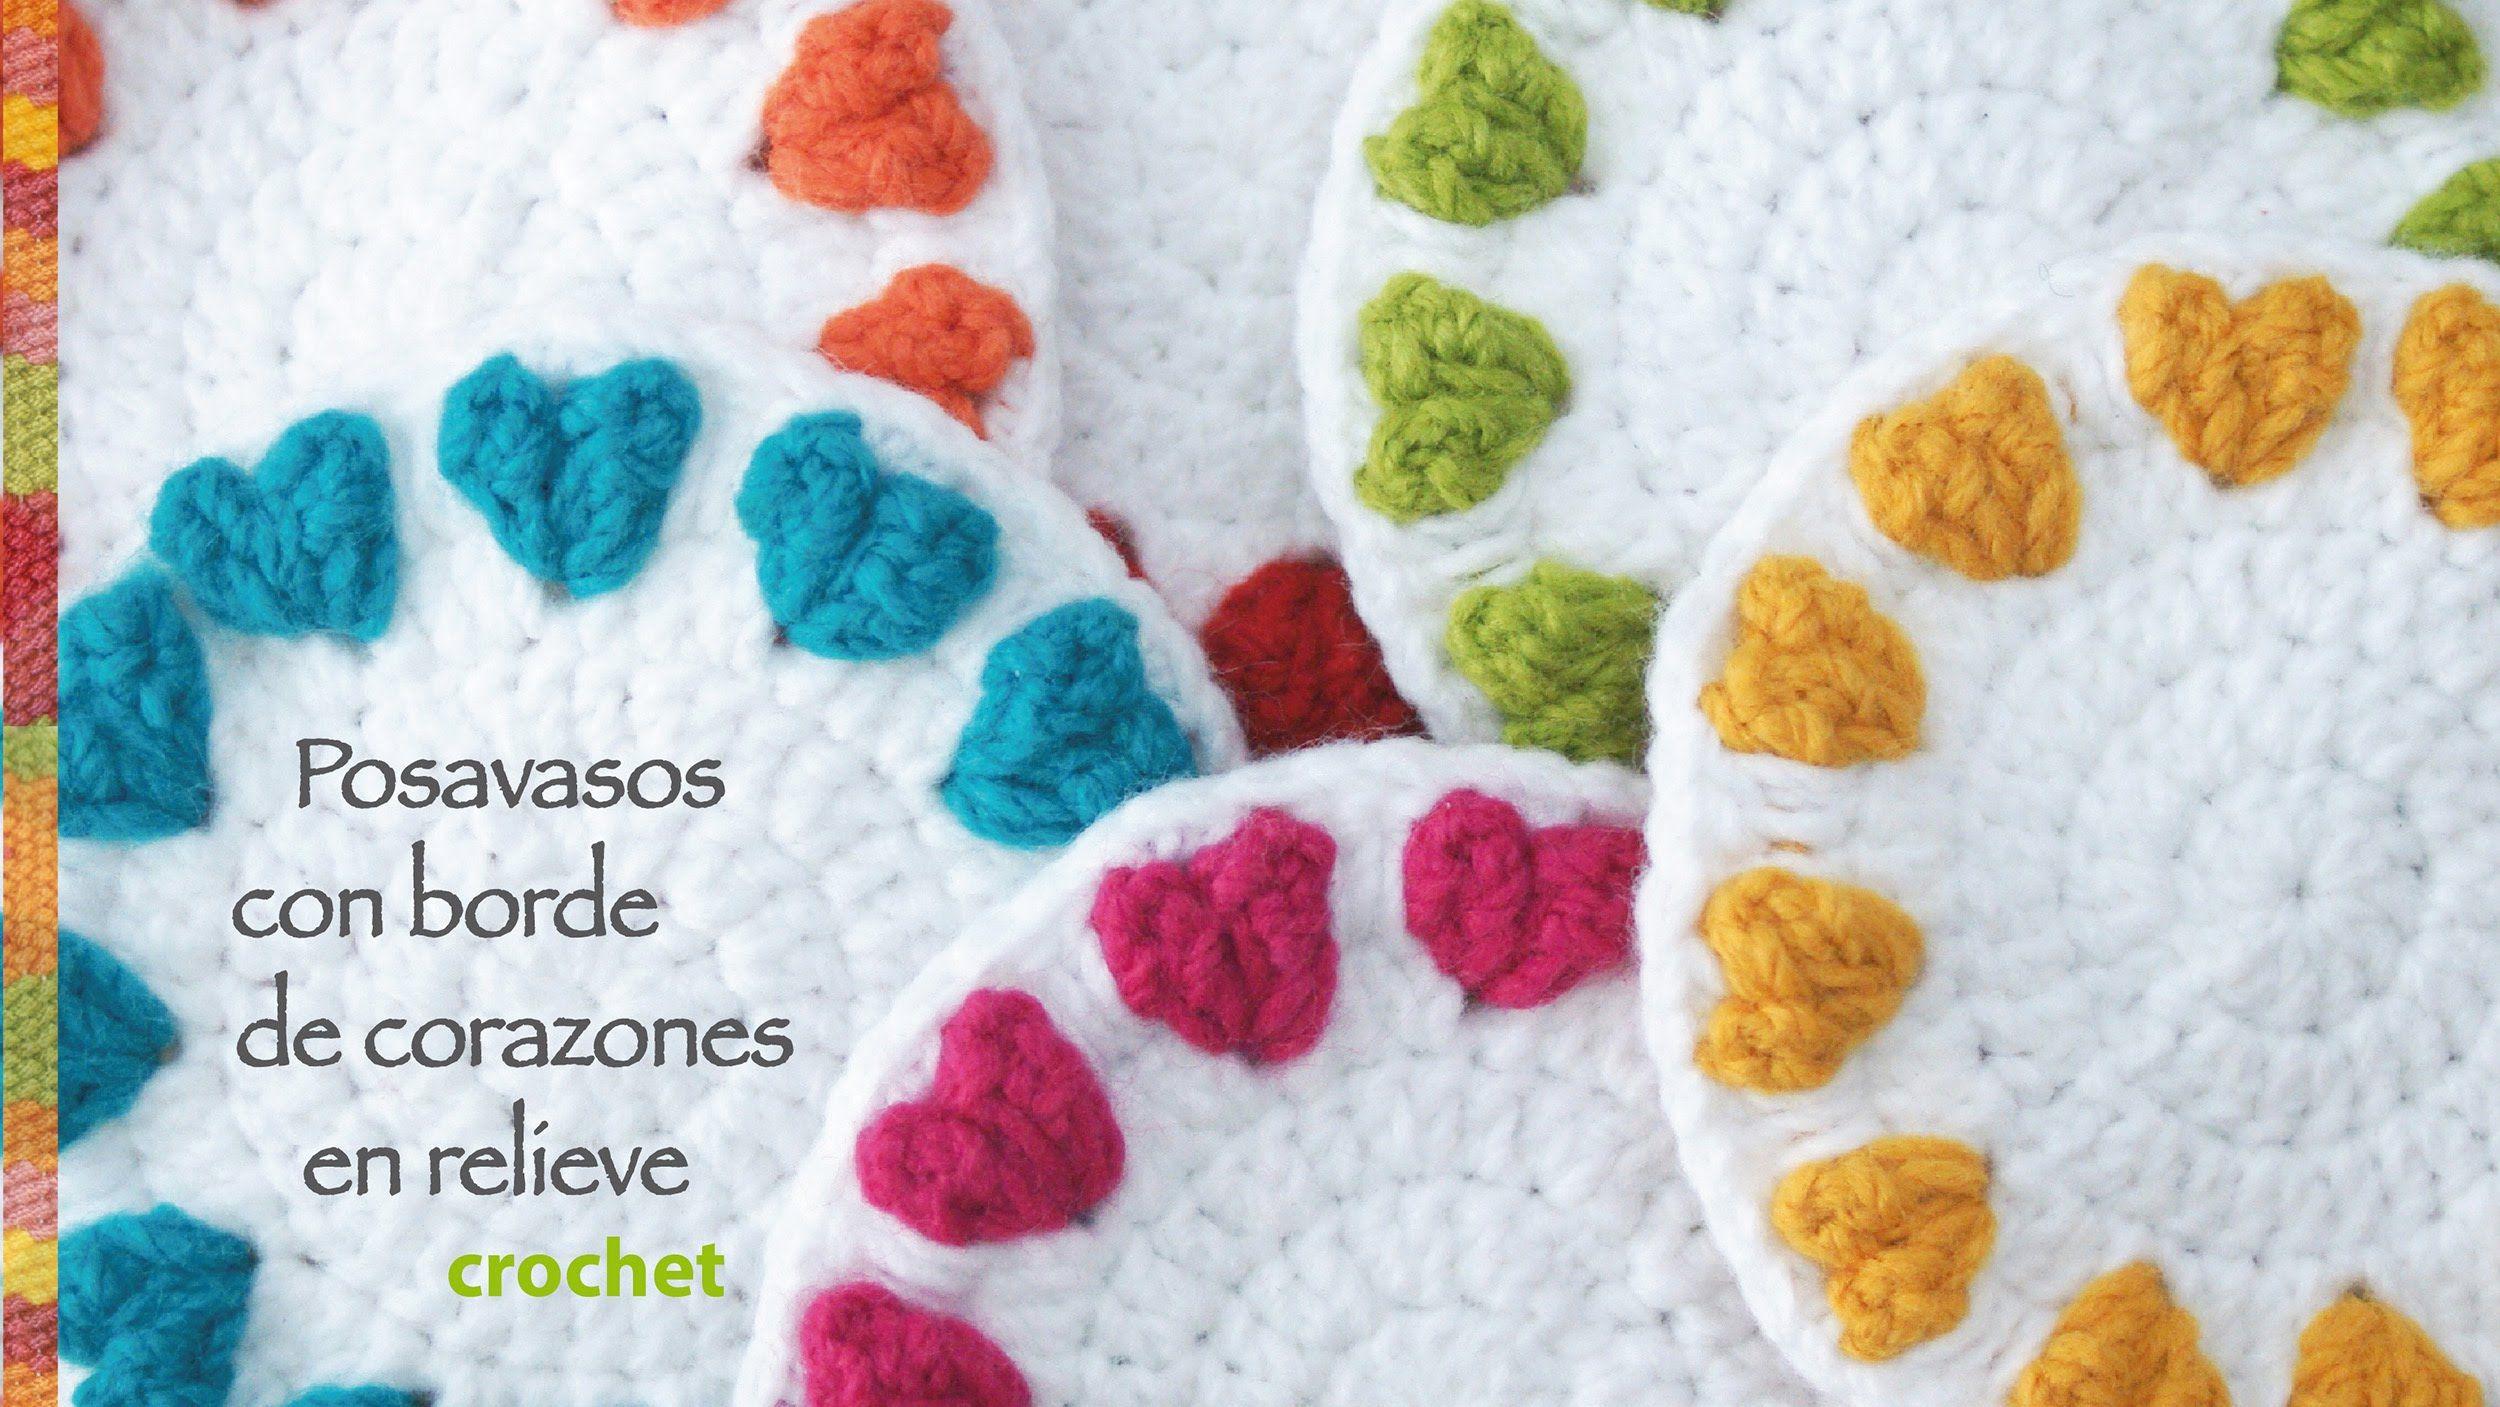 Tejiendo Peru Tutorial Amigurumi : Resultado de imagen para estrellas en relieve tejiendo peru